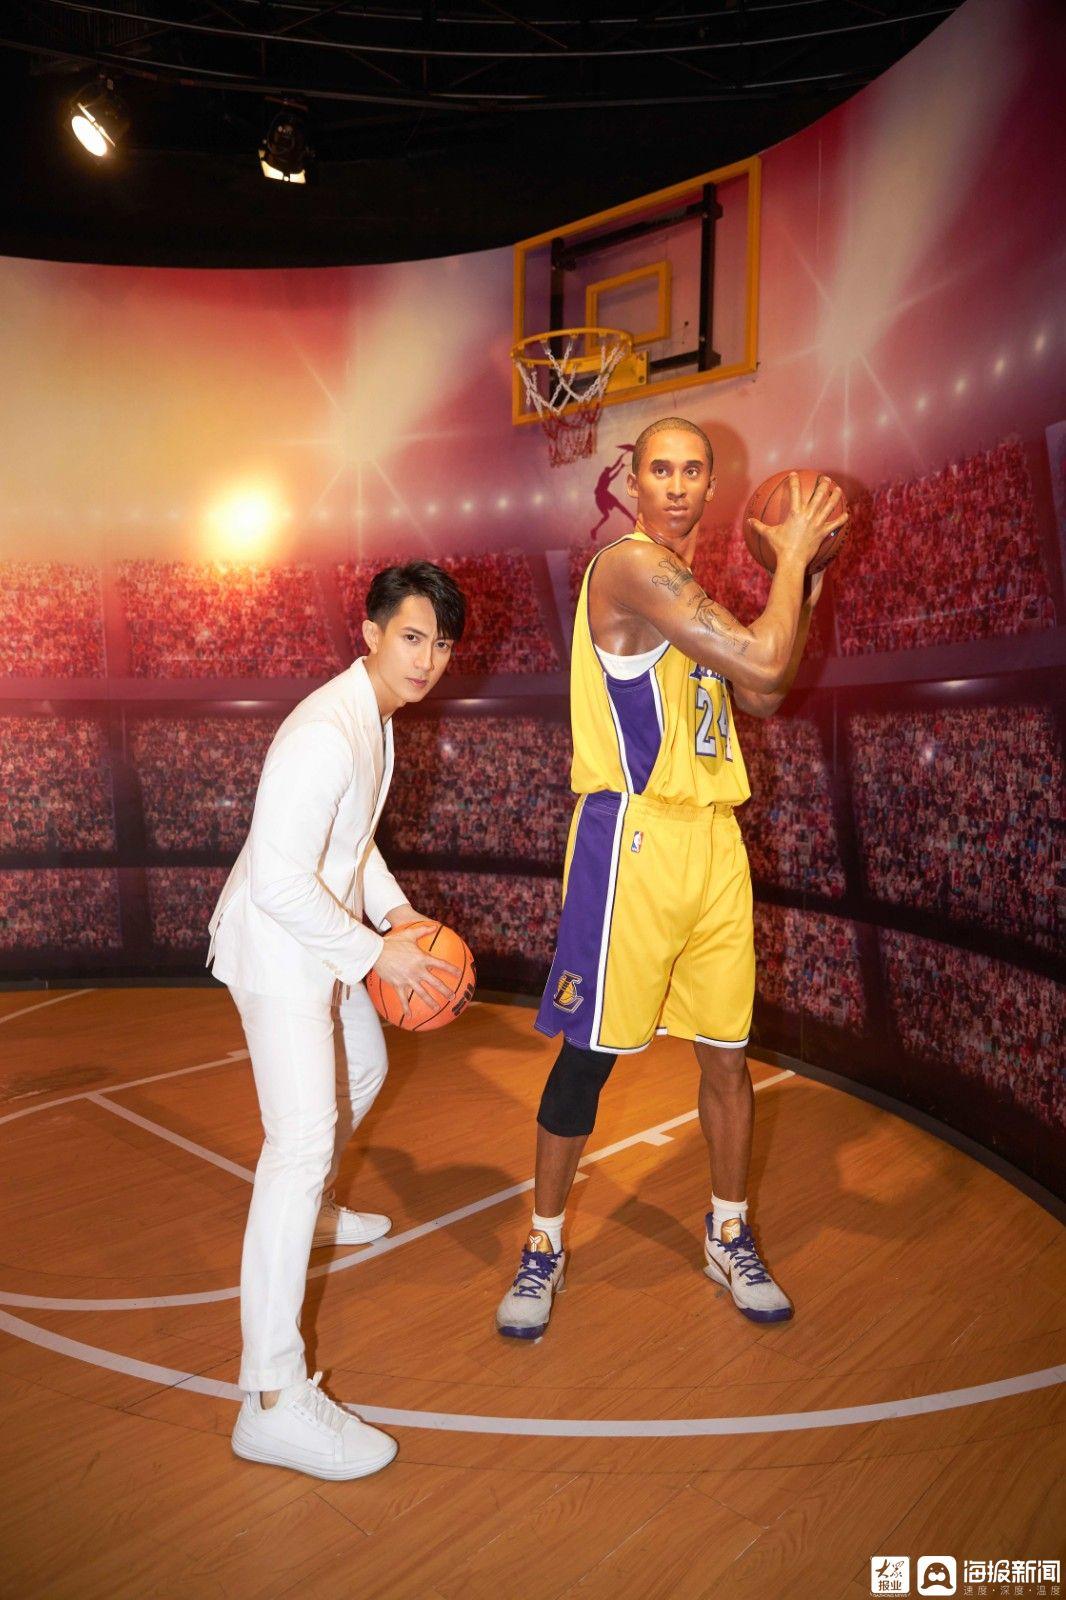 吴尊蜡像进入上海杜莎夫人蜡像馆与粉丝互动并展示他的身体